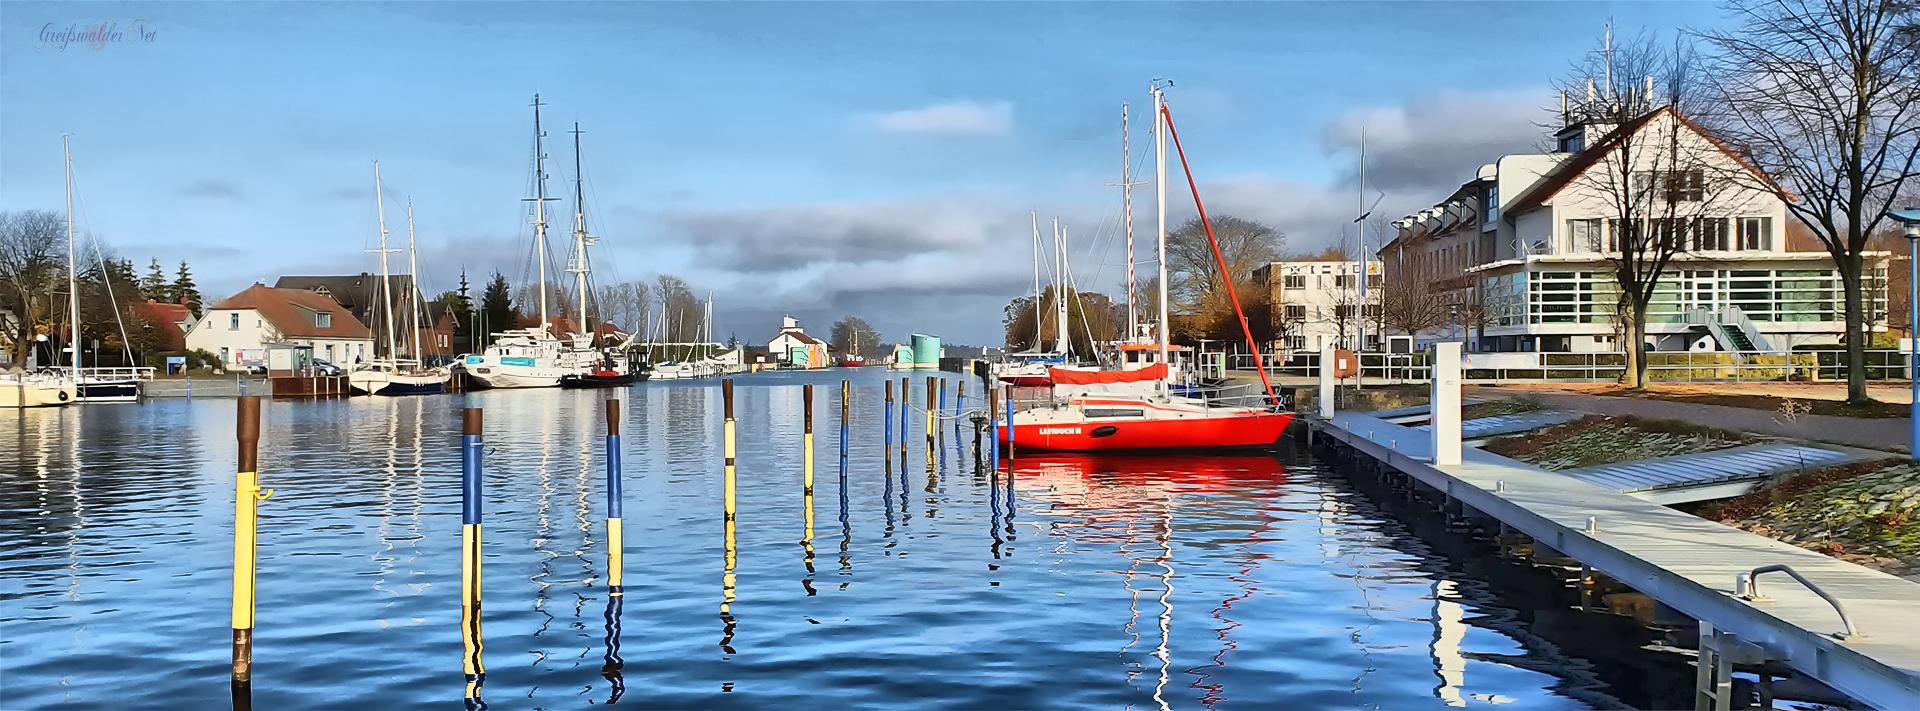 Hafen Greifswald-Wieck